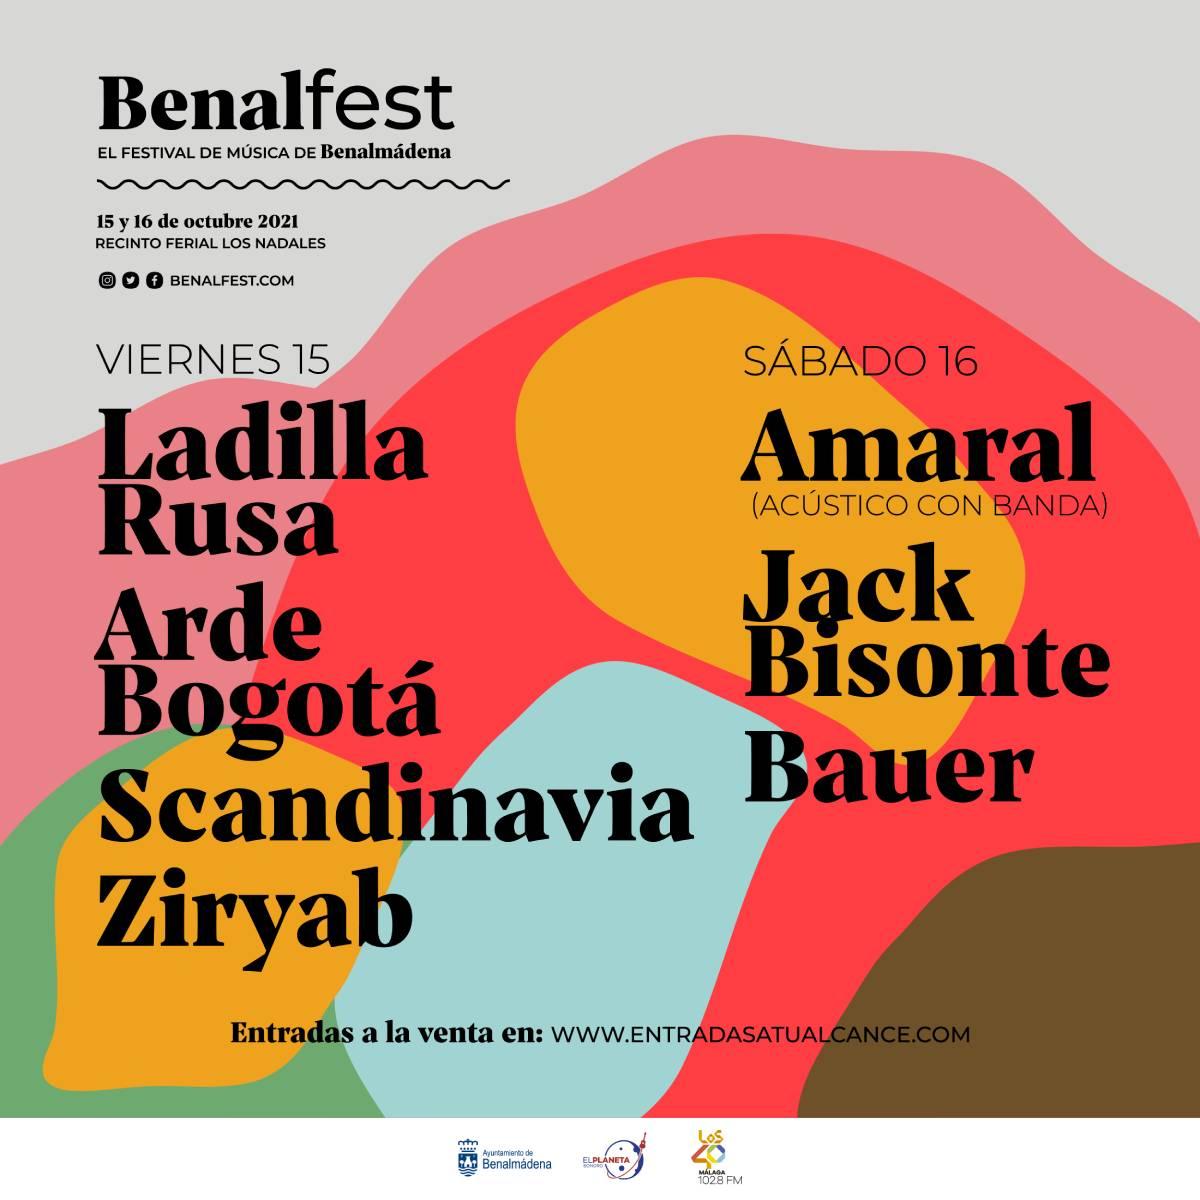 benalfest-15-16-octubre-amaral-acustico-con-banda-jack-bisonte-y-6144ba5c066067.27917257.jpeg